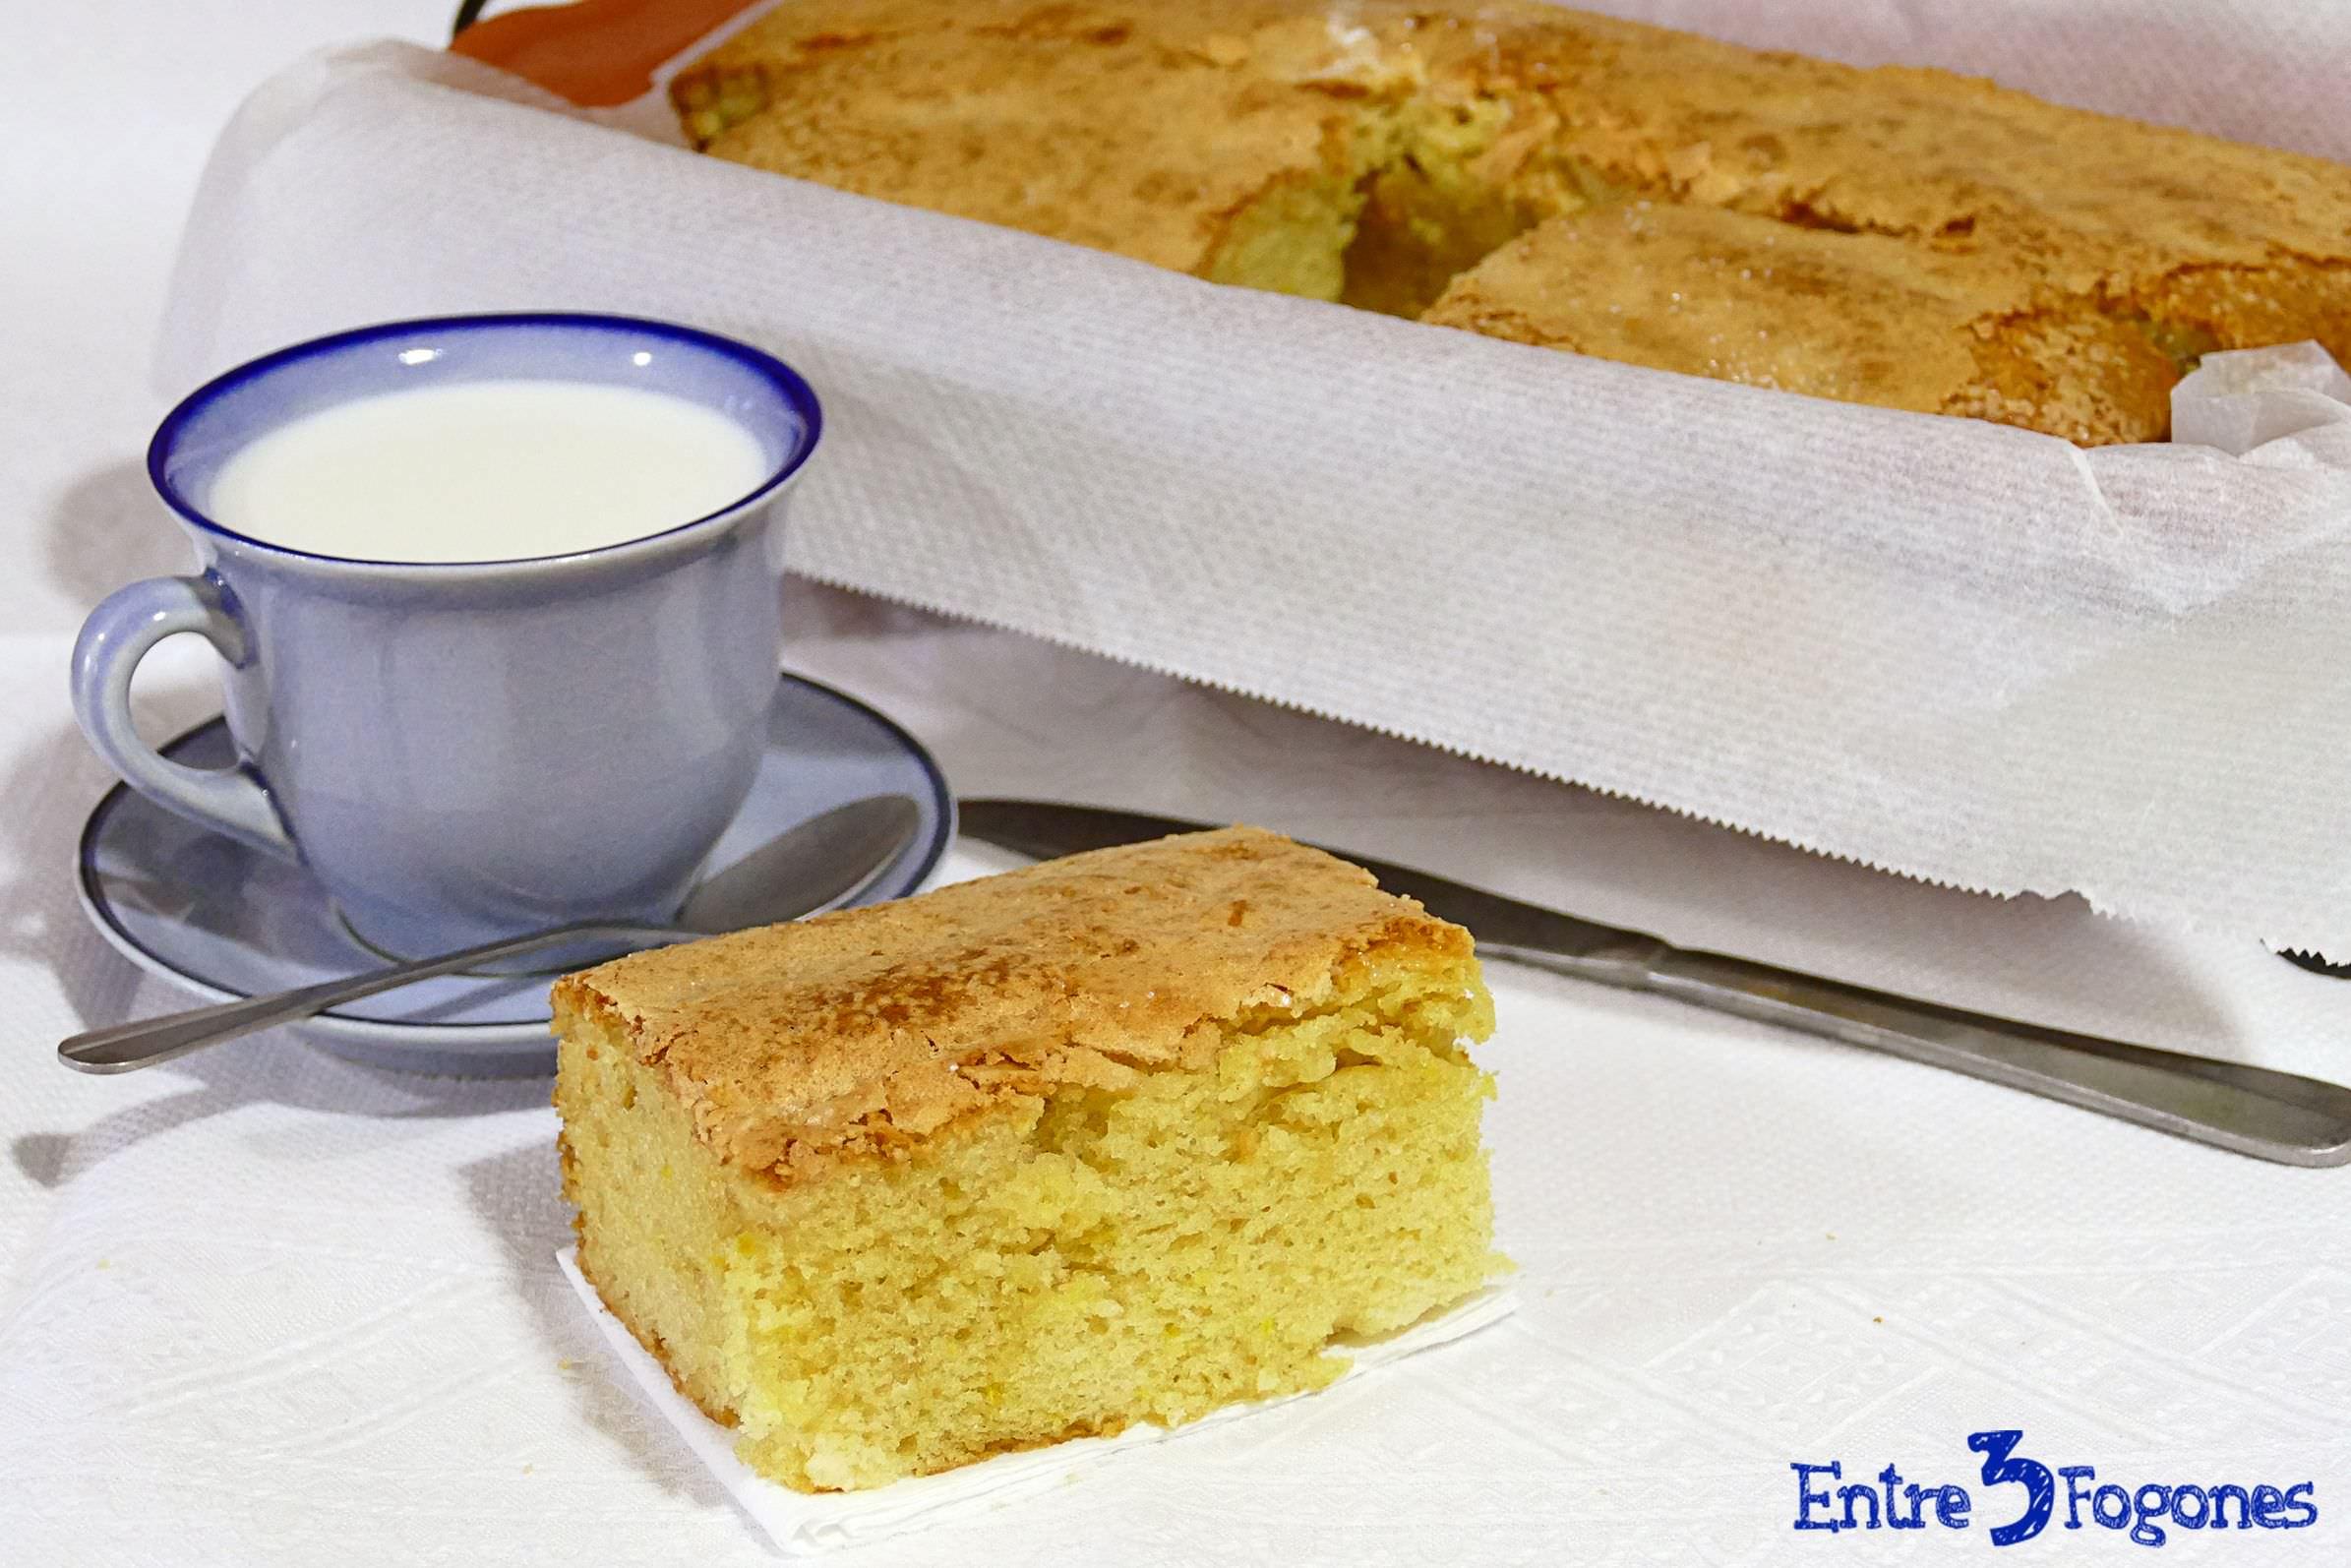 Torta de Lata. Receta Manchega de Bizcocho Casero